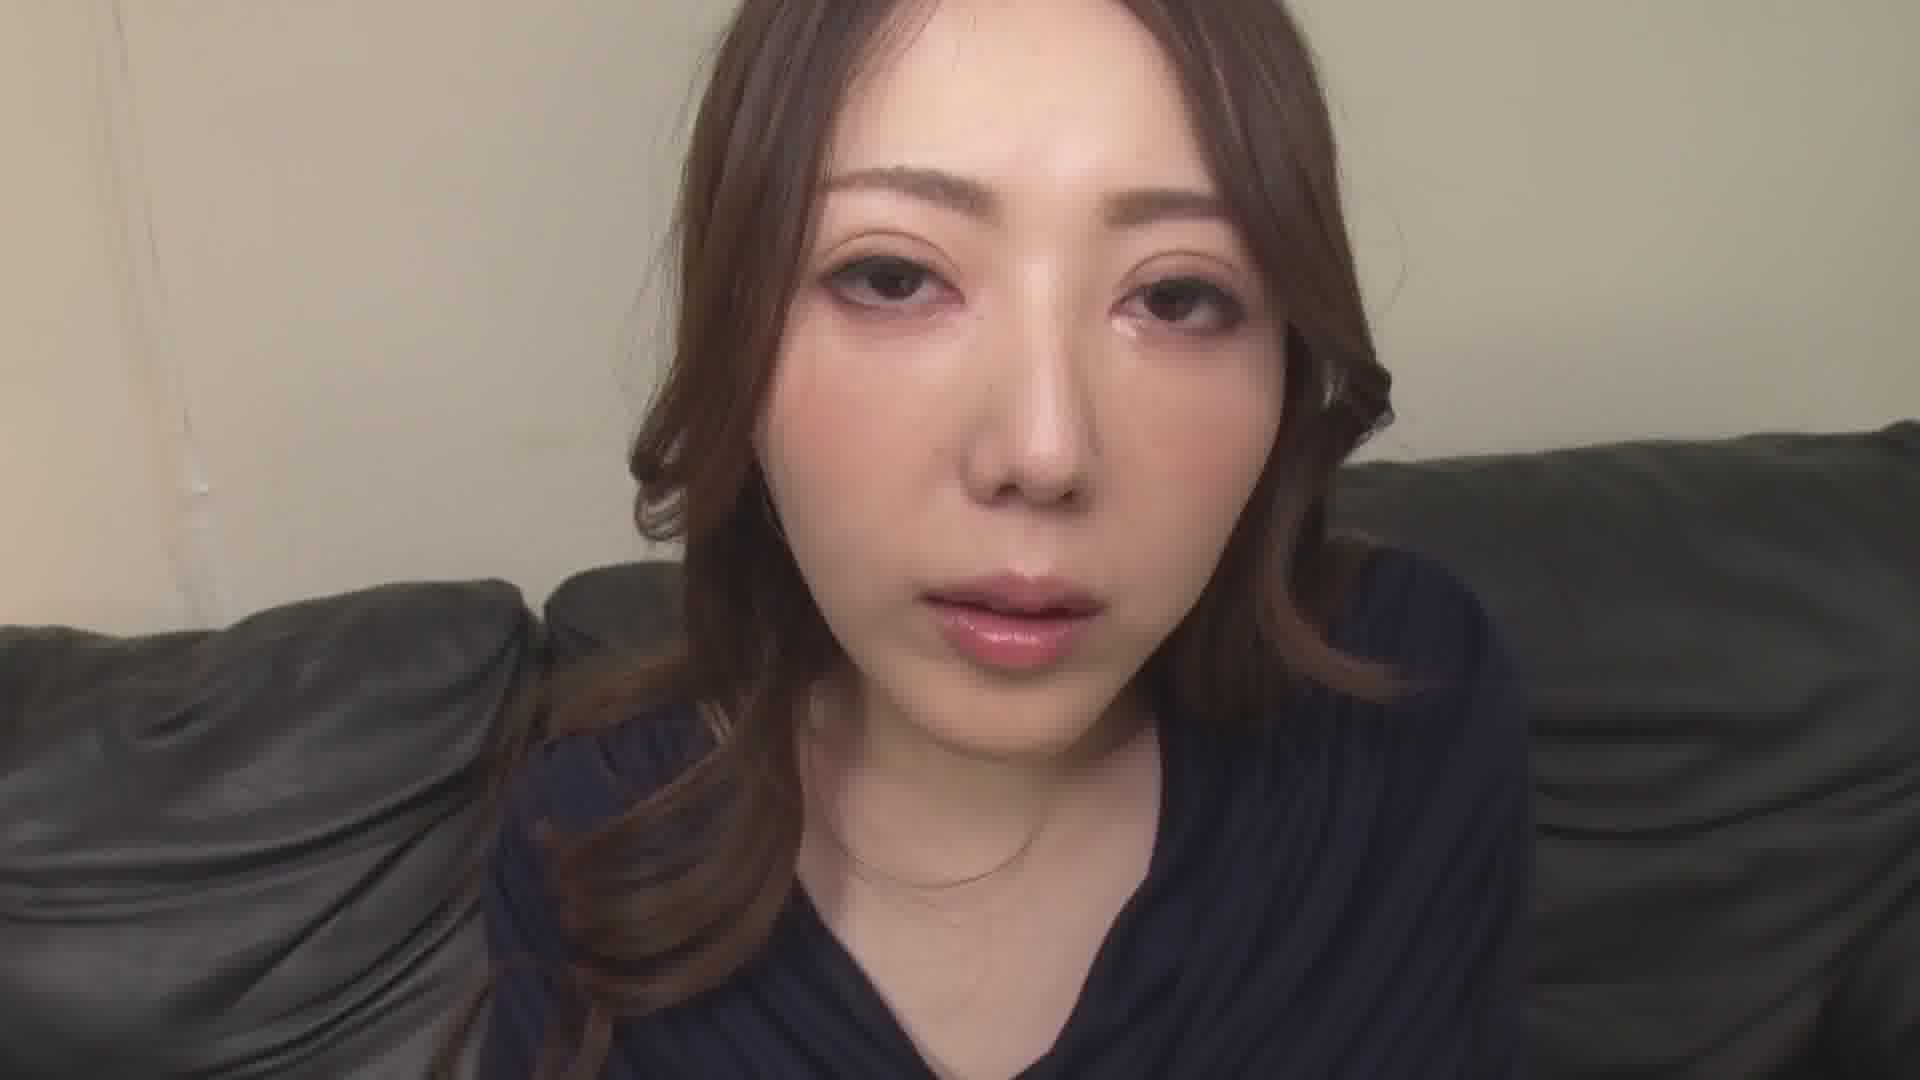 マンコをさらして息子の同級生を誘惑する母2 - 古瀬玲【パイパン・巨乳・痴女】